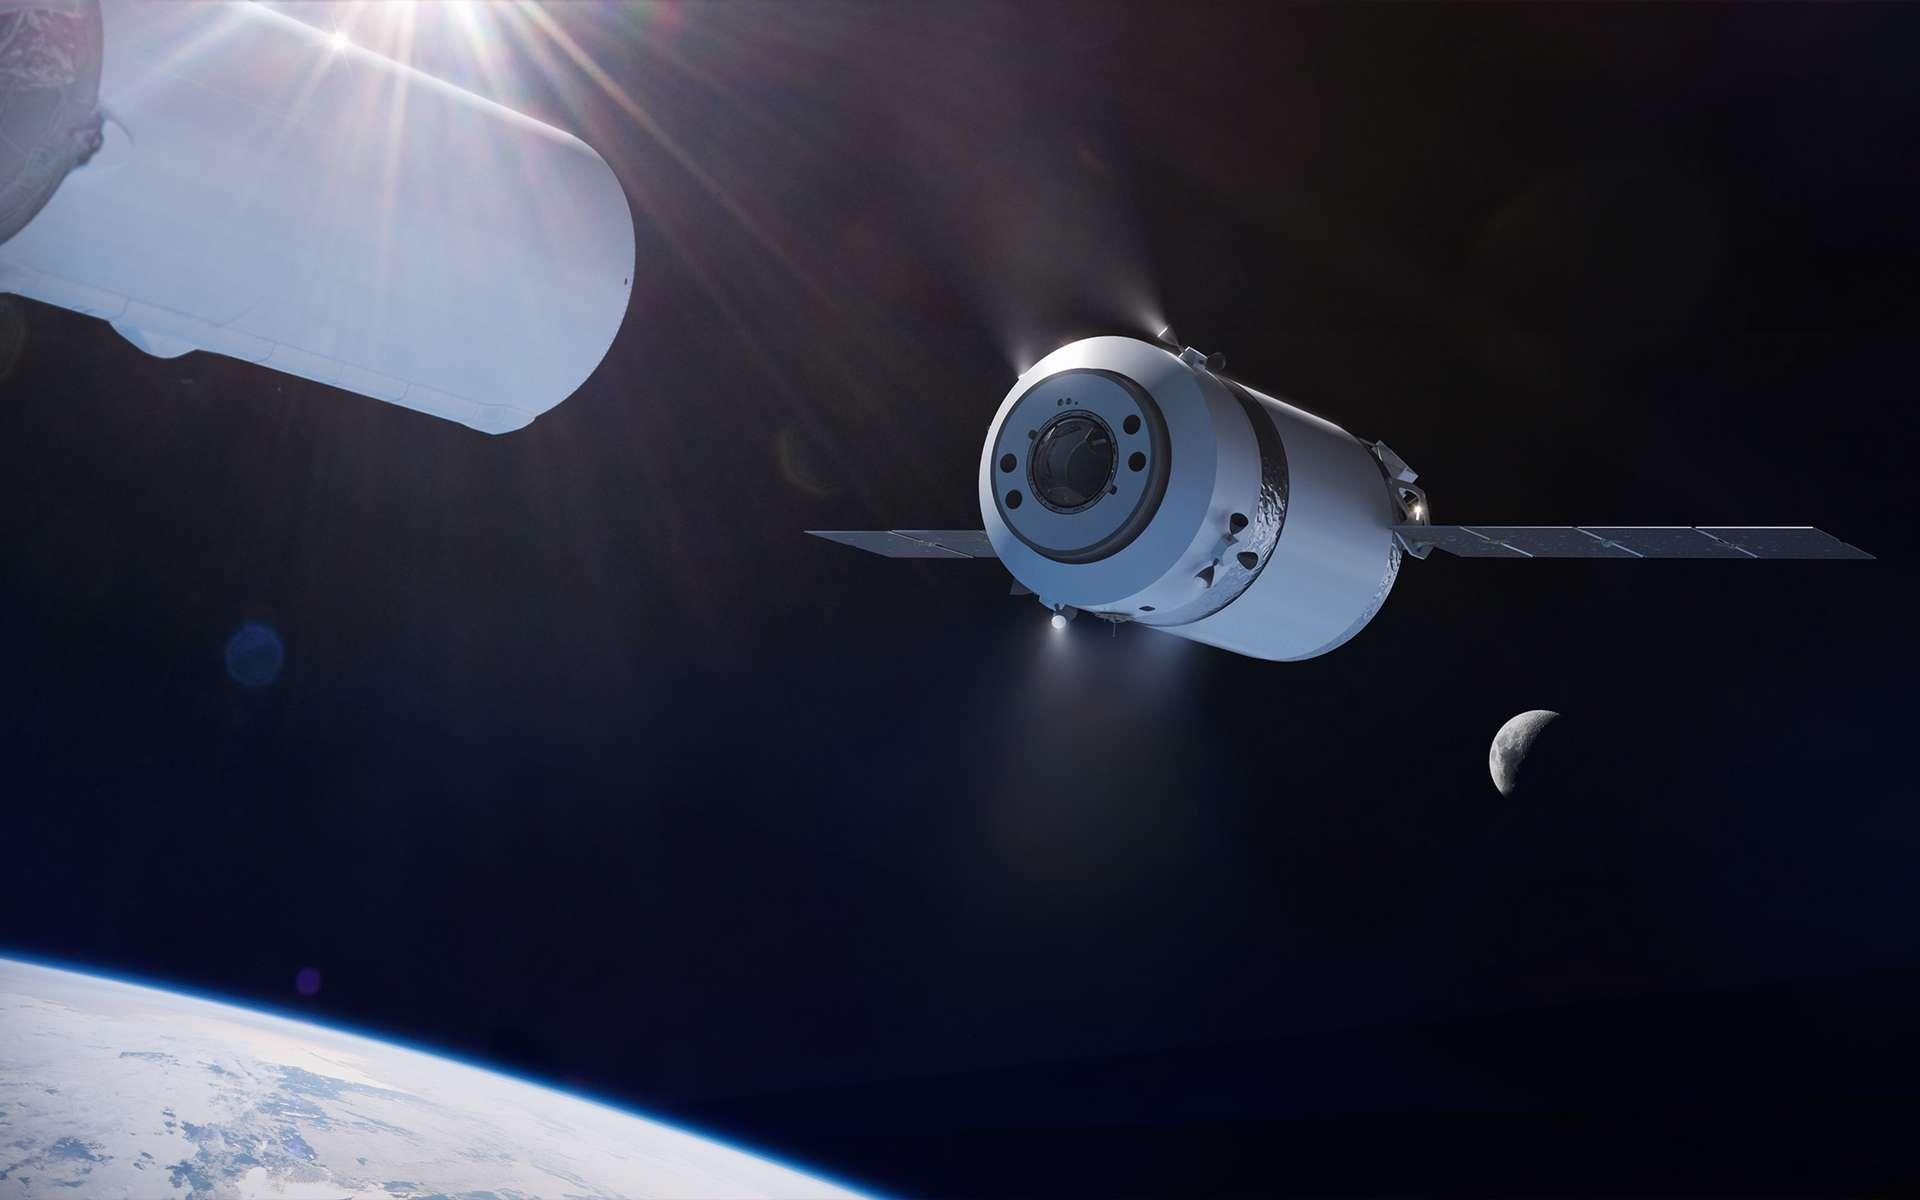 Vue d'artiste du cargo lunaire de SpaceX (Dragon XL), dérivé des capsules Dragon de transport de fret. © SpaceX